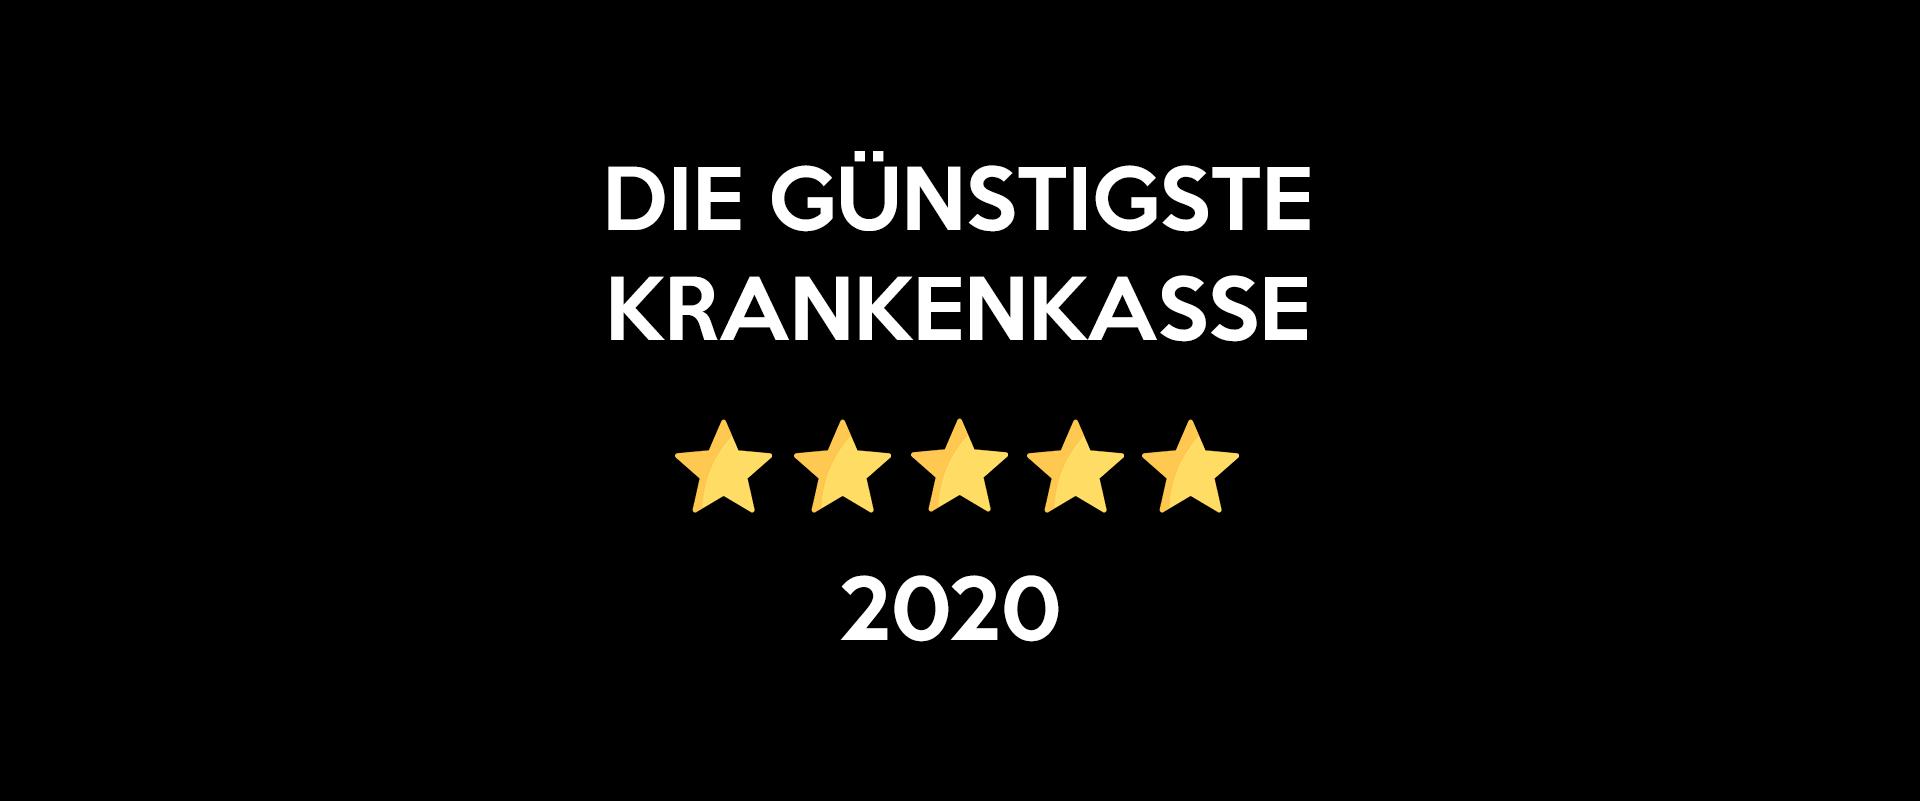 günstigste krankenkasse 2020 2021 hkk